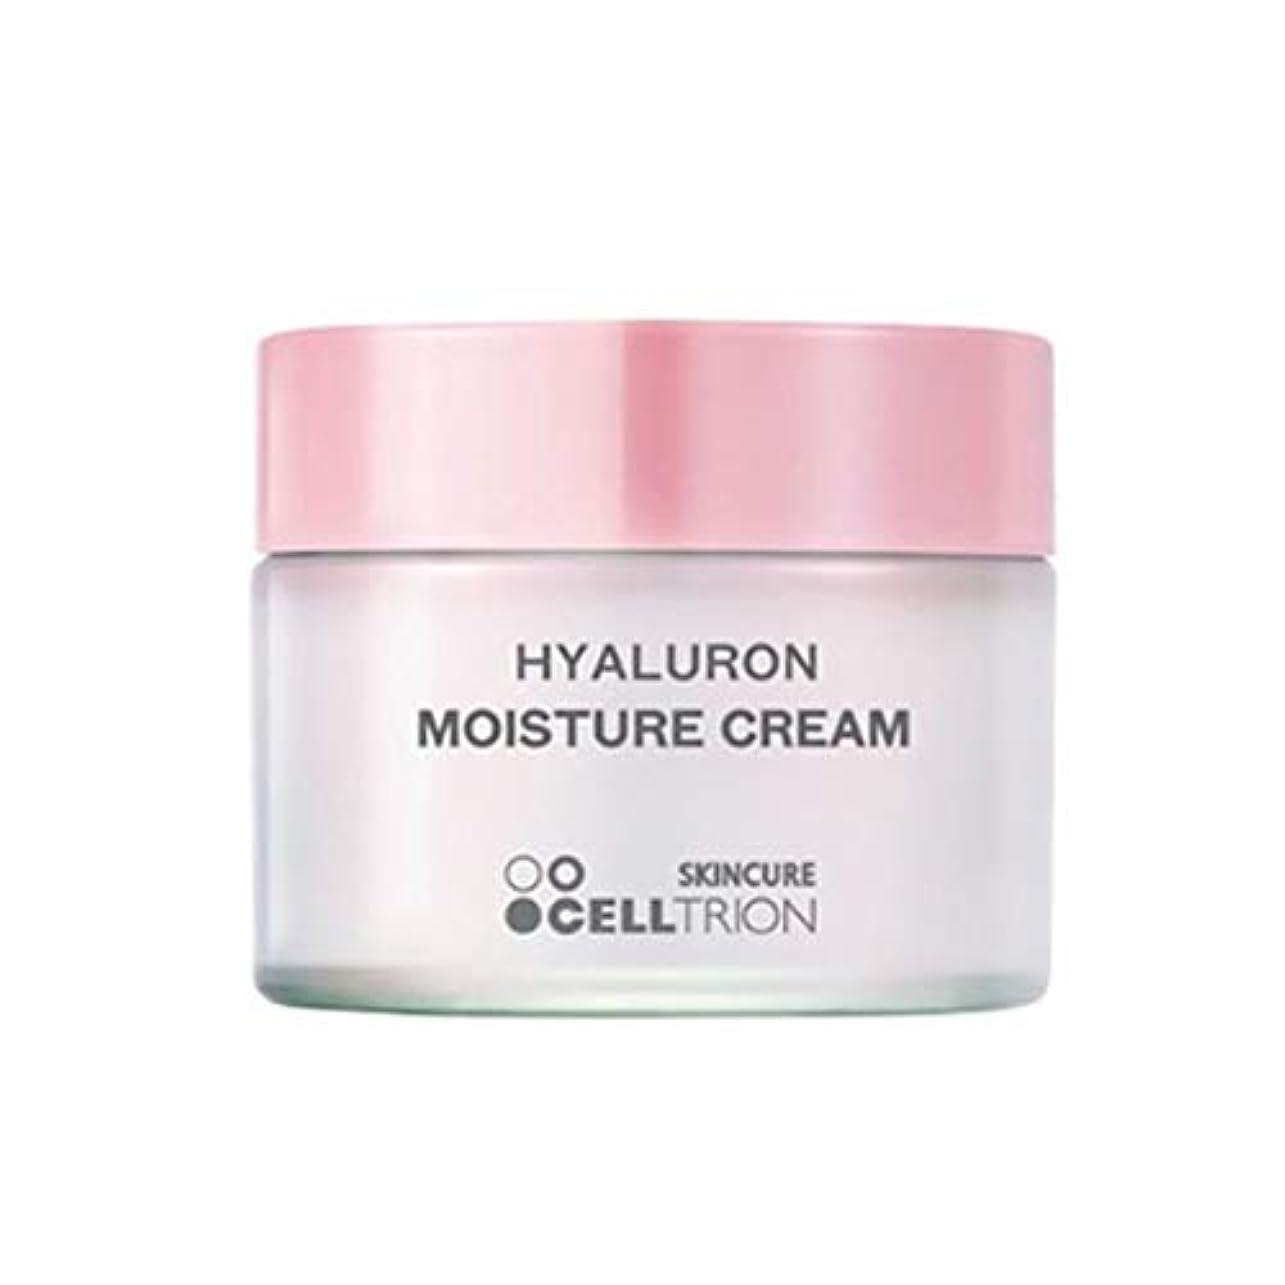 終了する球状ドラムセルトリオンスキンキュアヒアルロンモイスチャークリーム50gしわ改善、Celltrion Skincure Hyaluron Moisture Cream 50g Anti-Wrinkle [並行輸入品]